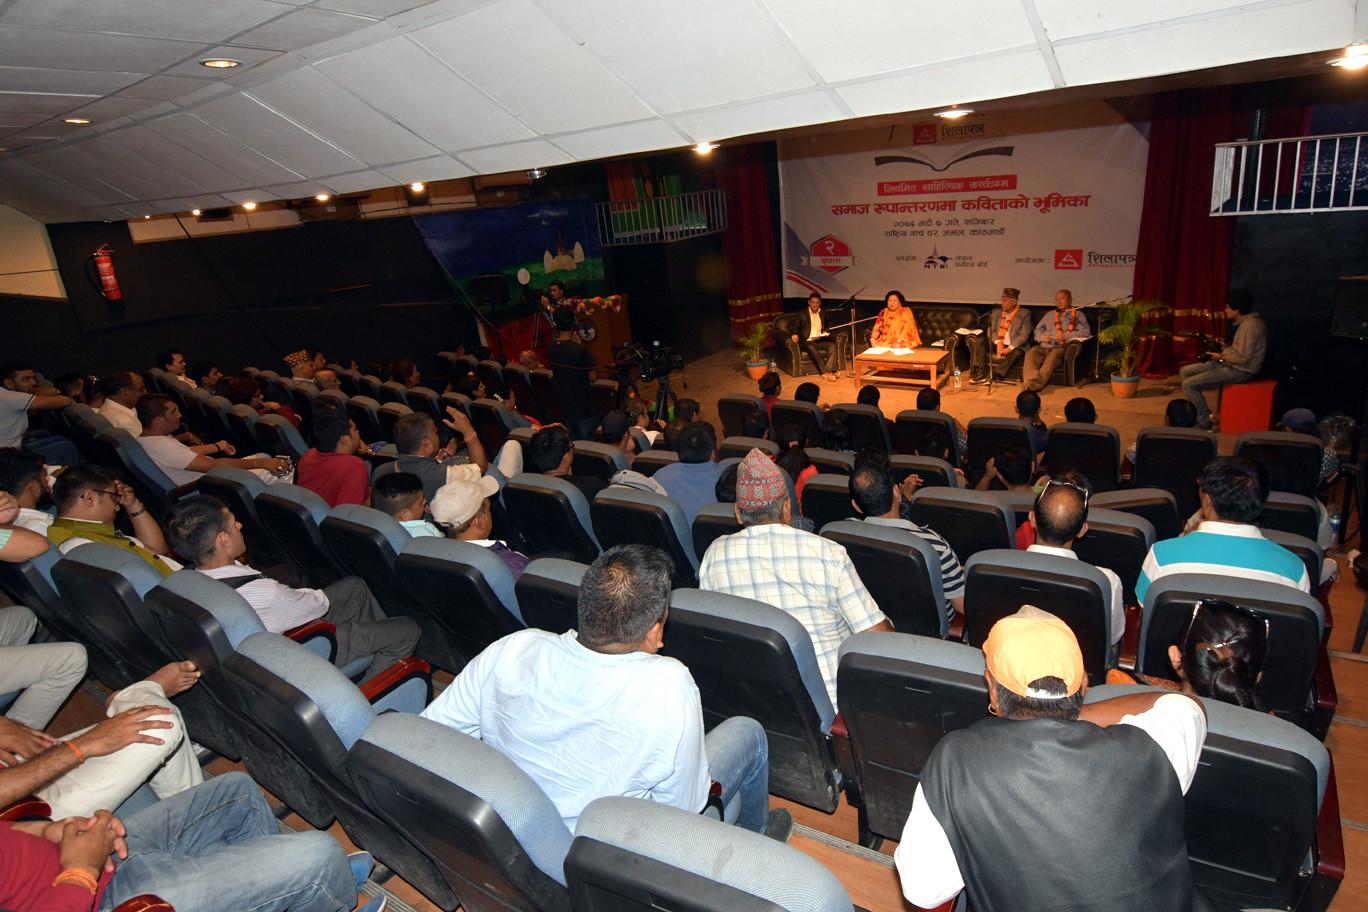 स्रष्टासँग शिलापत्र दोस्रो शृंखला : समाज रुपान्तरणमा कविताको भूमिकामाथि छलफल